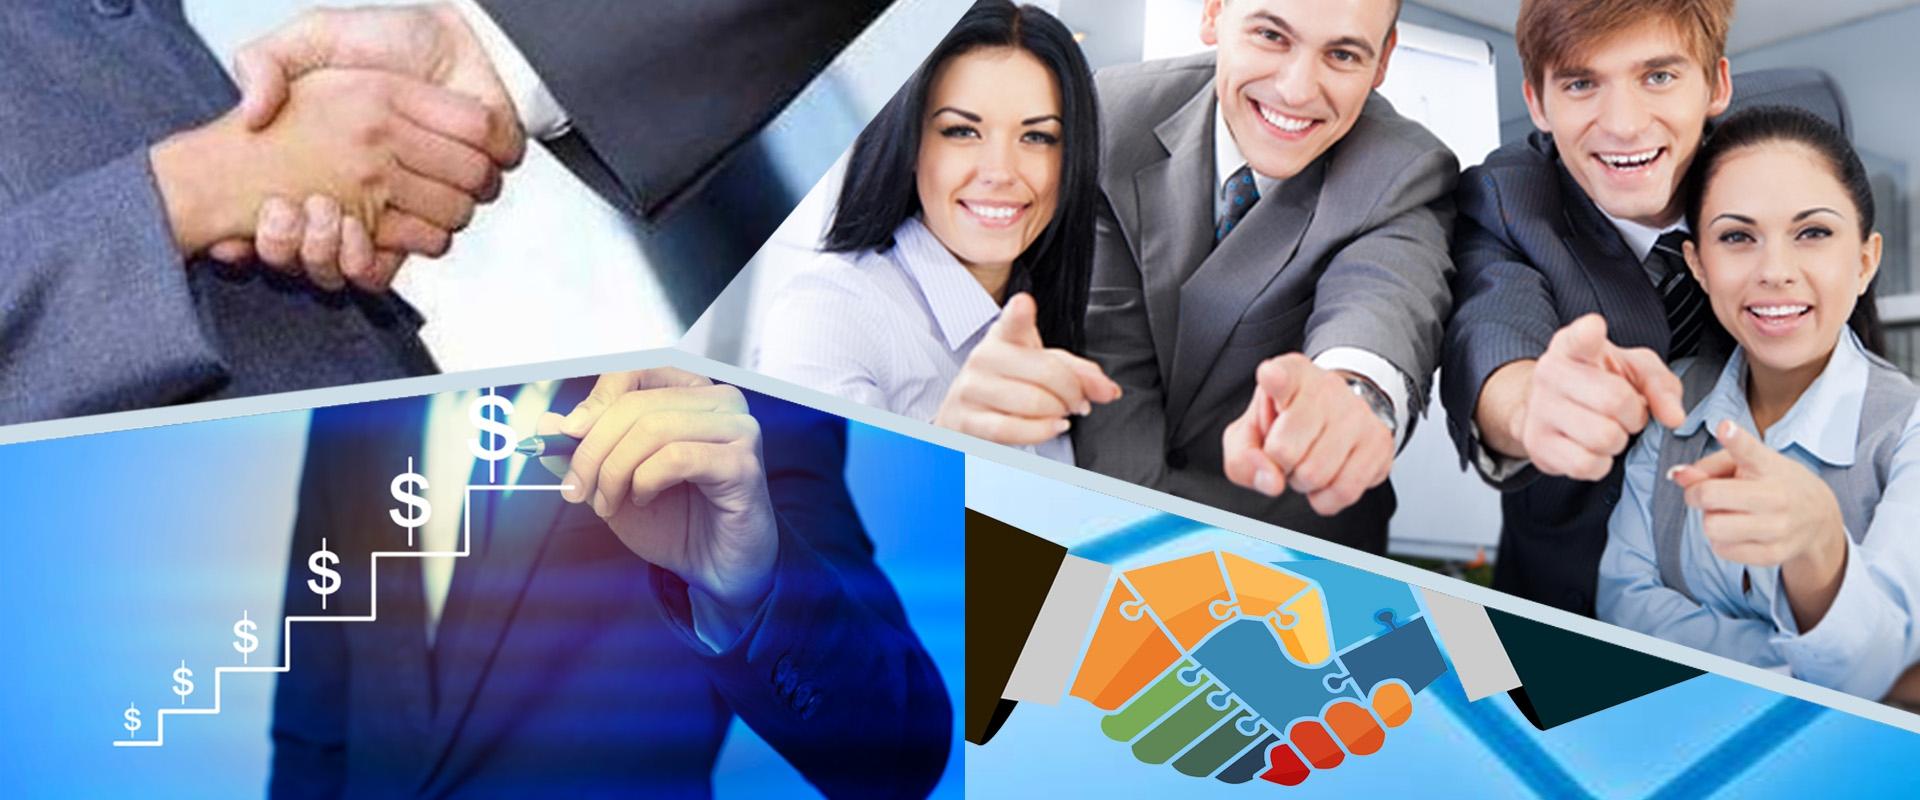 Curso Técnicas de Vendas e Negociação